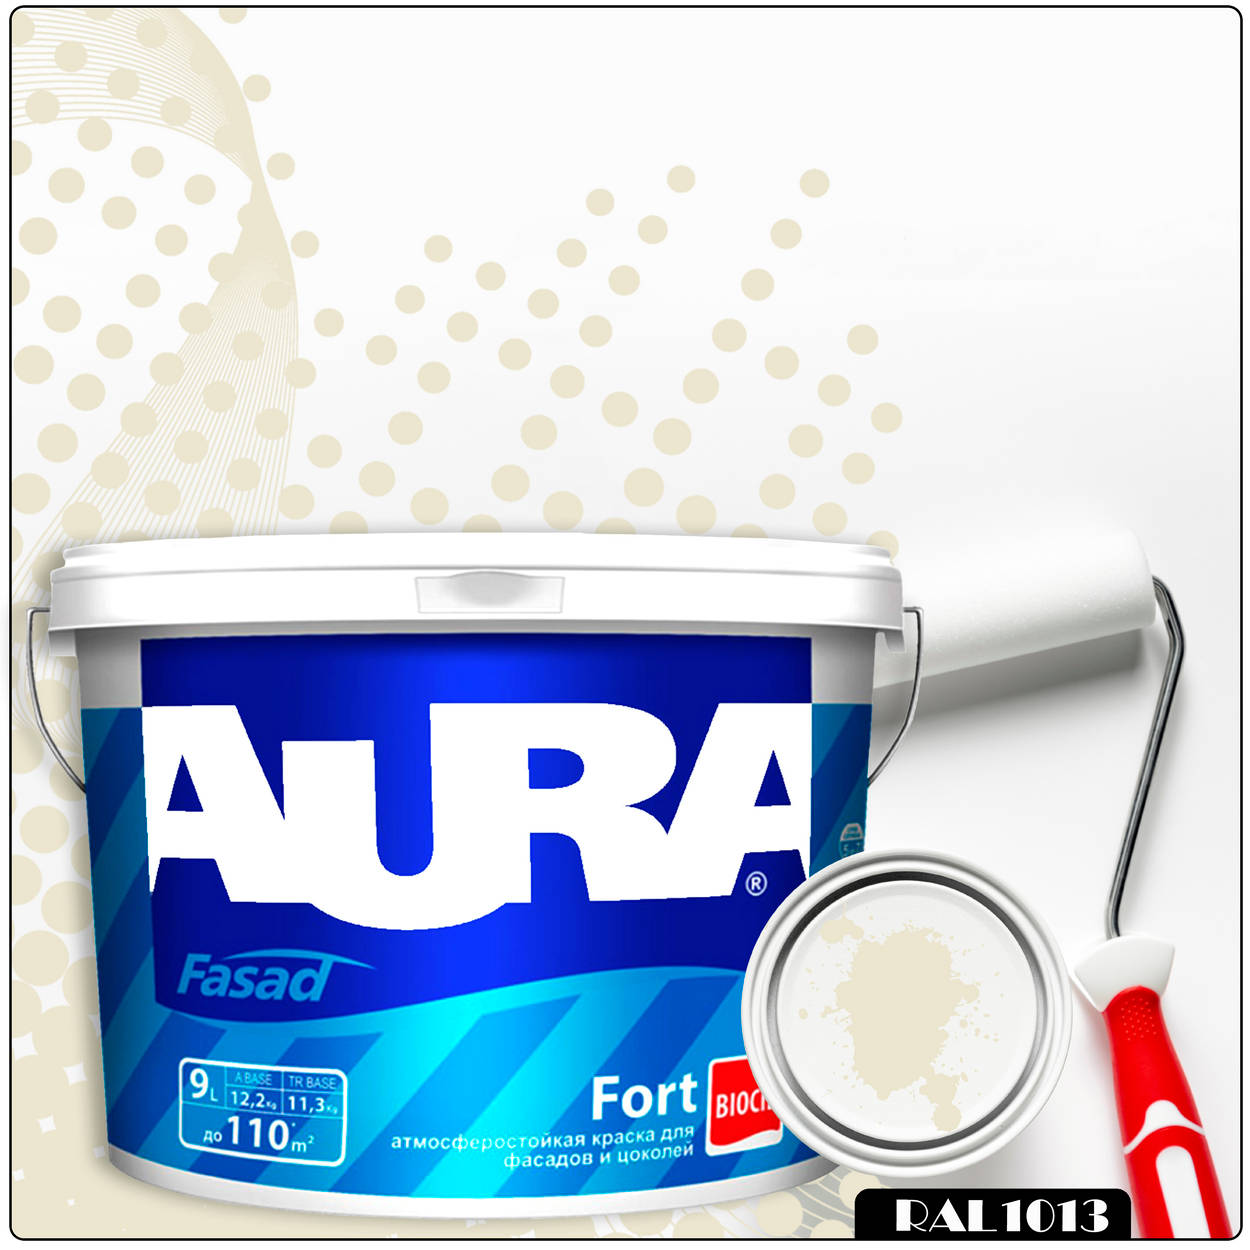 Фото 11 - Краска Aura Fasad Fort, RAL 1013 Жемчужно-белый, латексная, матовая, для фасада и цоколей, 9л, Аура.